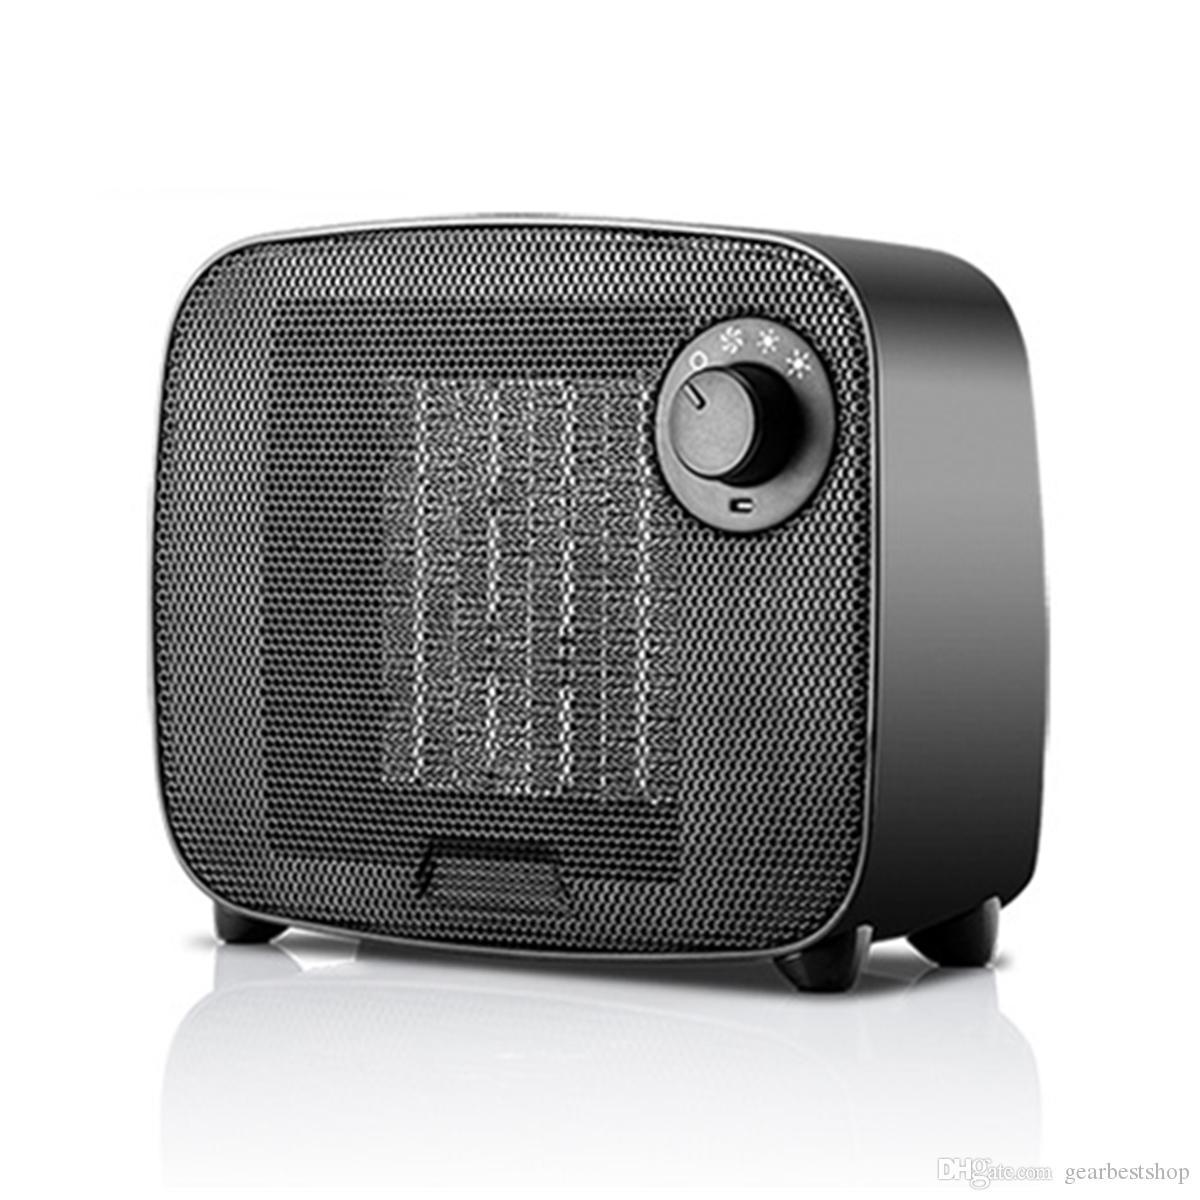 1500W Portable Mini Desktop Air Chauffage PTC céramique Chauffage électrique Accueil chaud Ventilateur - blanc